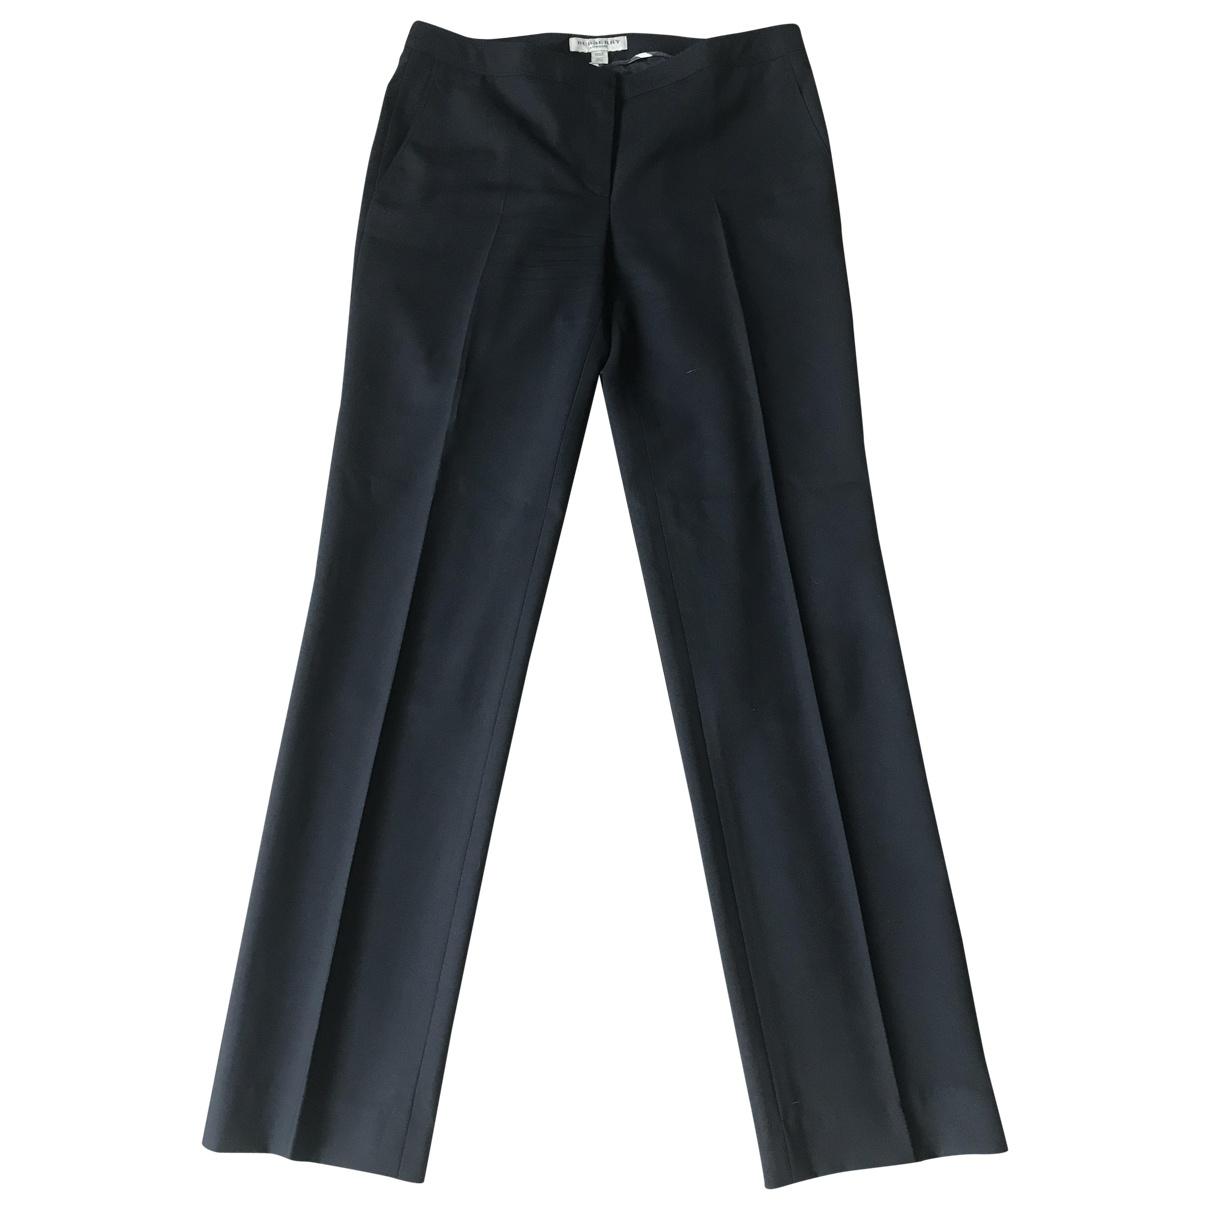 Pantalon recto de Lana Burberry